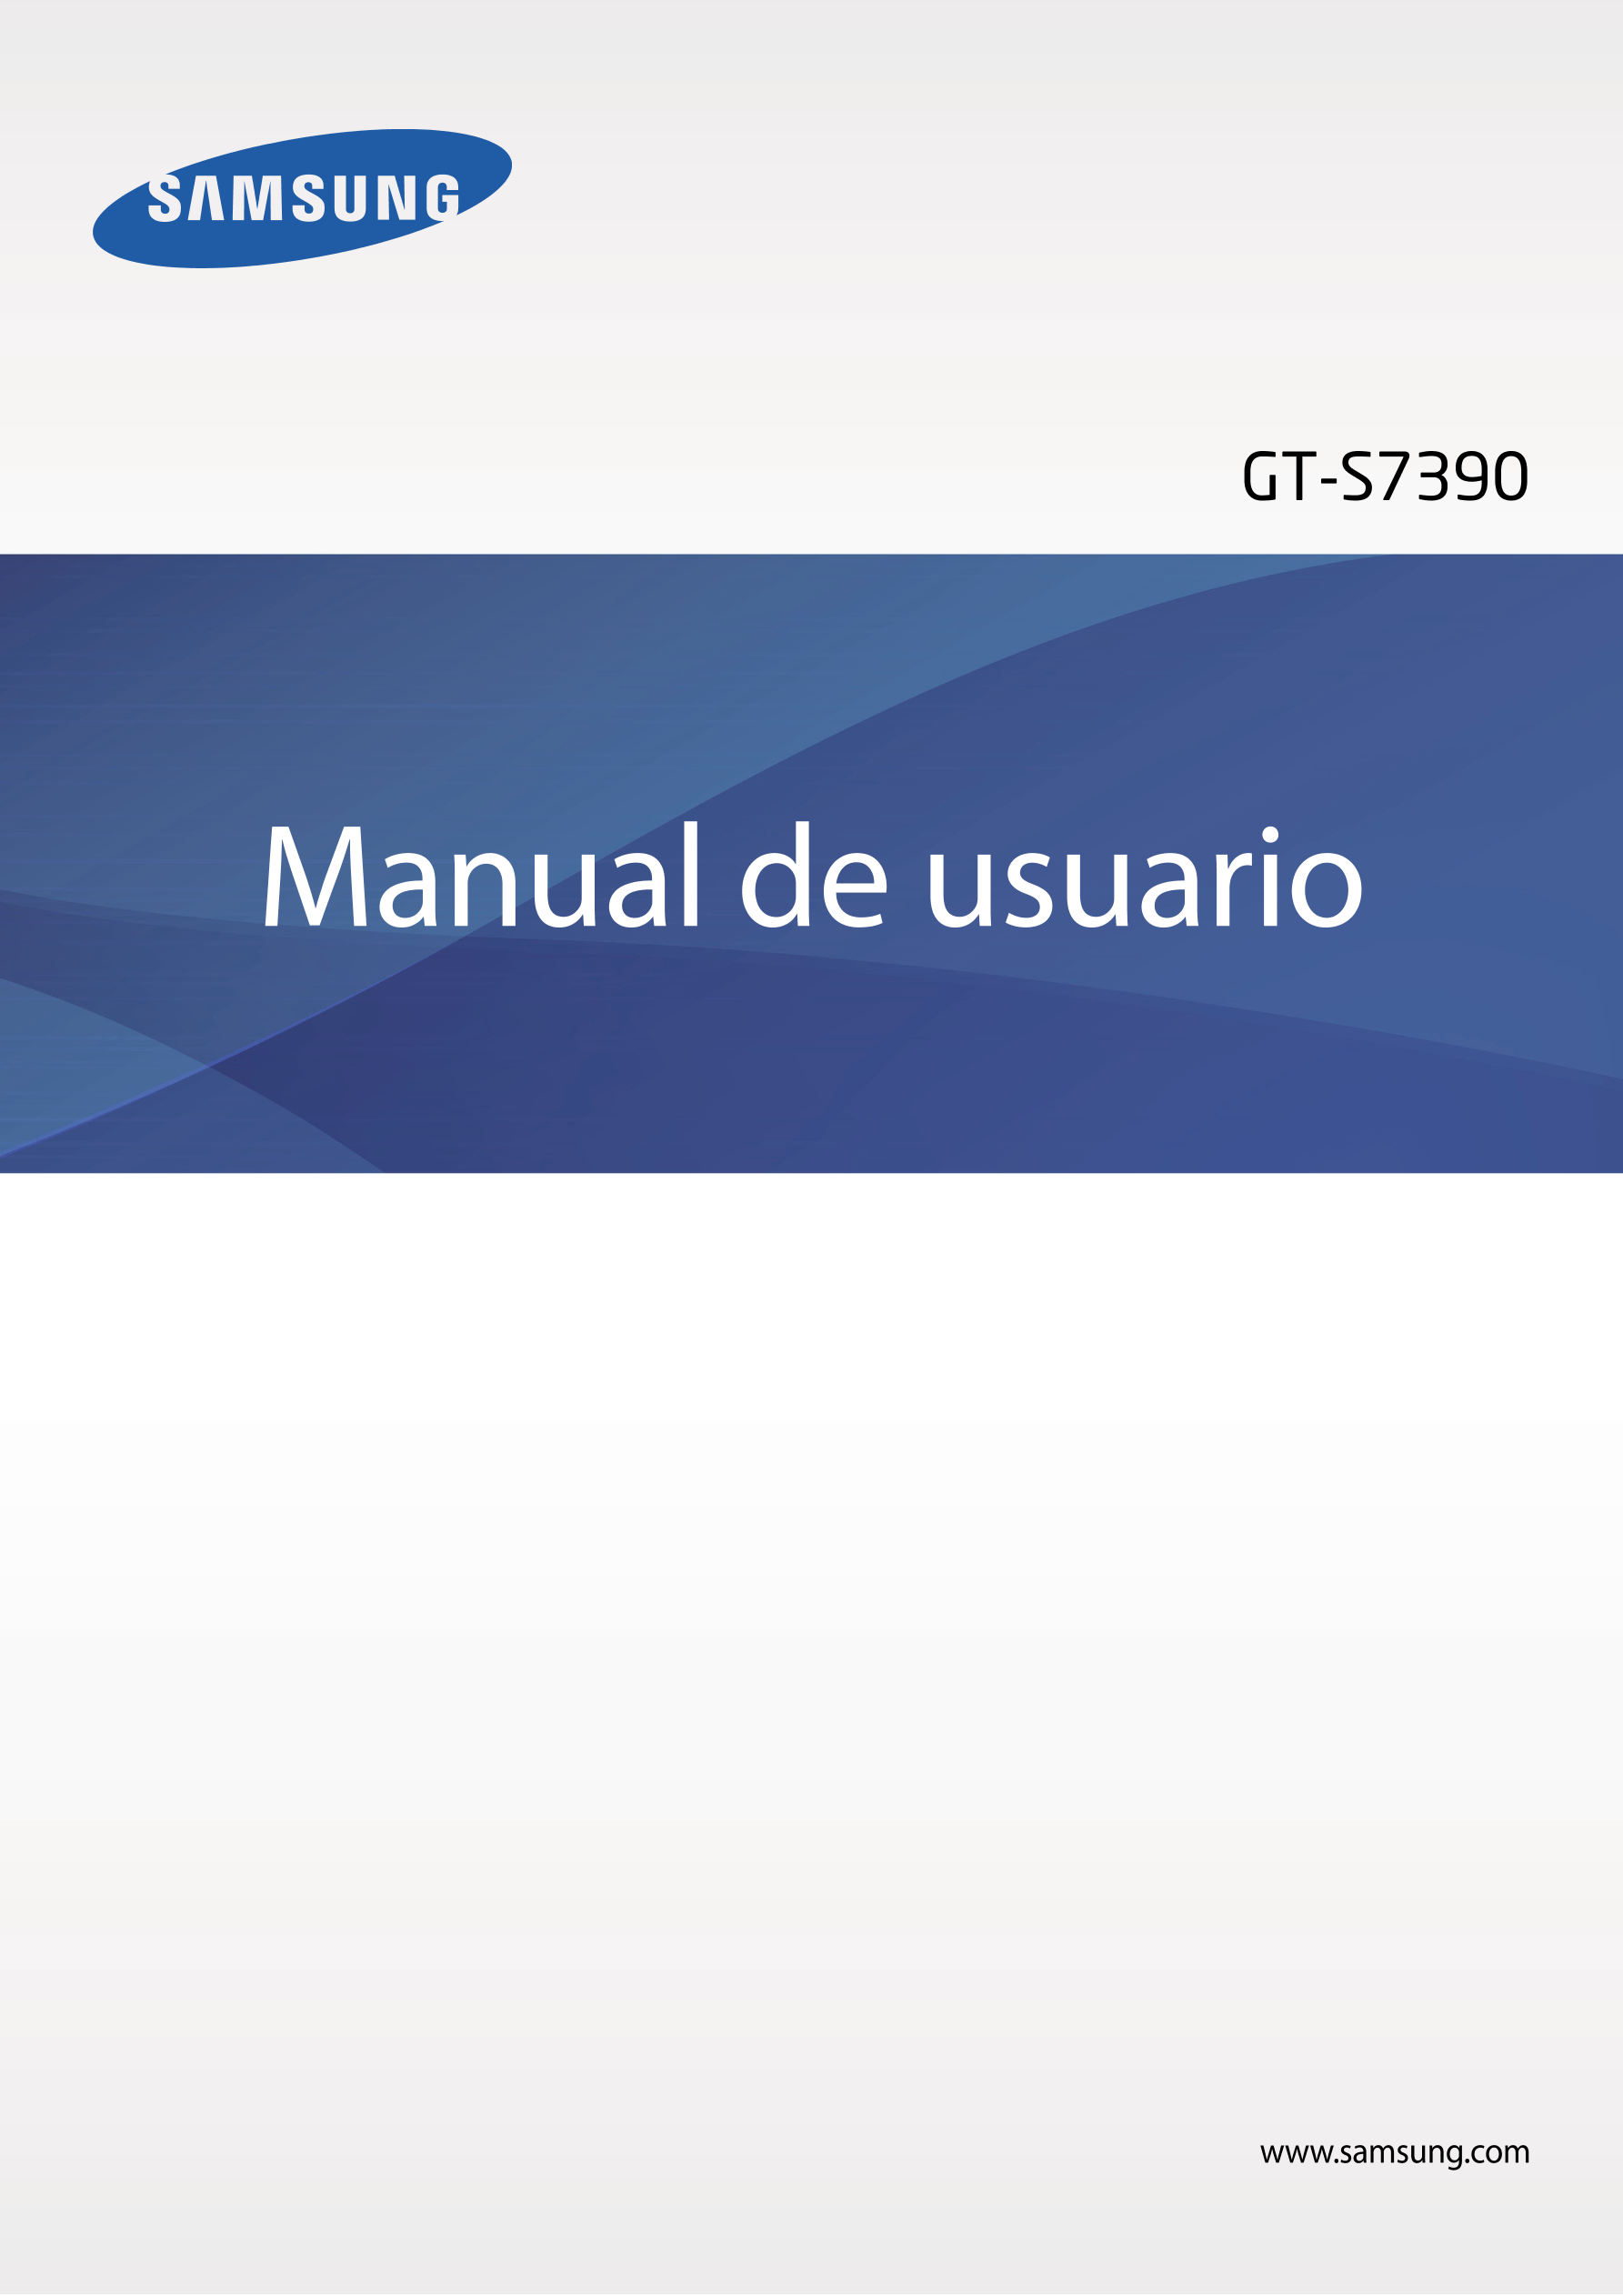 GT-S7390 Manual de usuario www.samsung.com. Ir. Samsung Galaxy Trend Lite